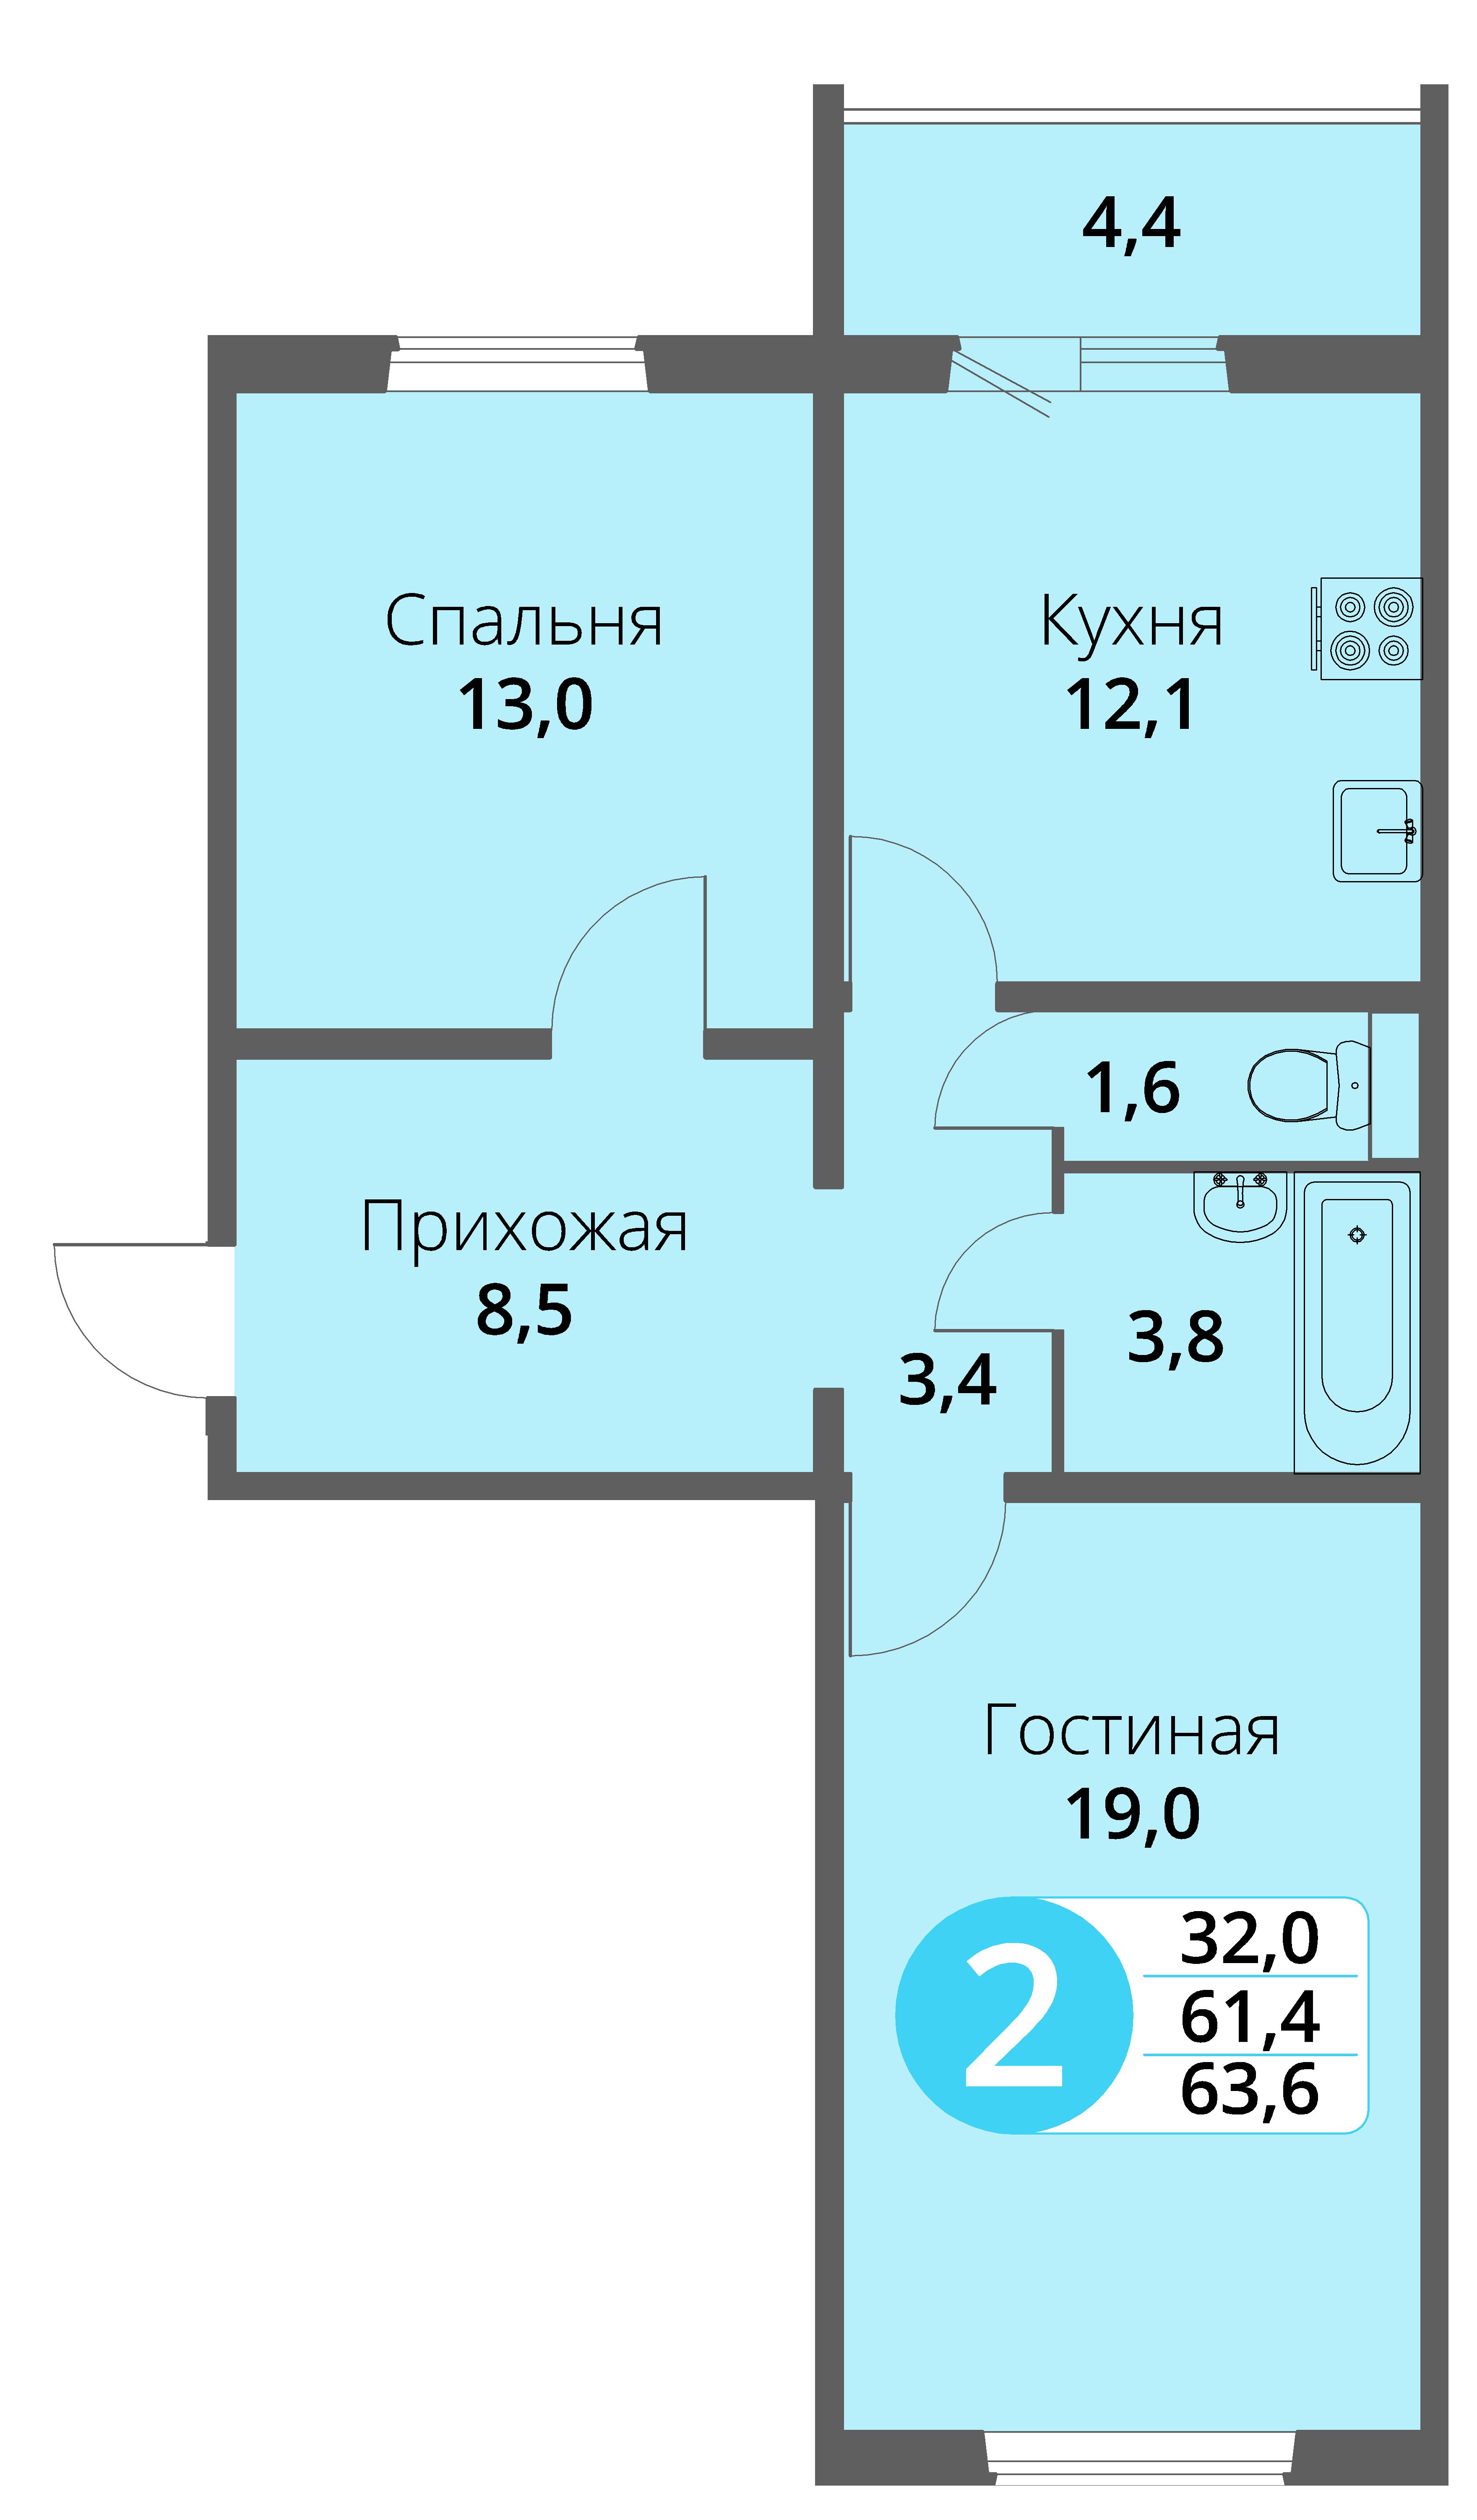 Зареченская 1-2, квартира 161 - Двухкомнатная